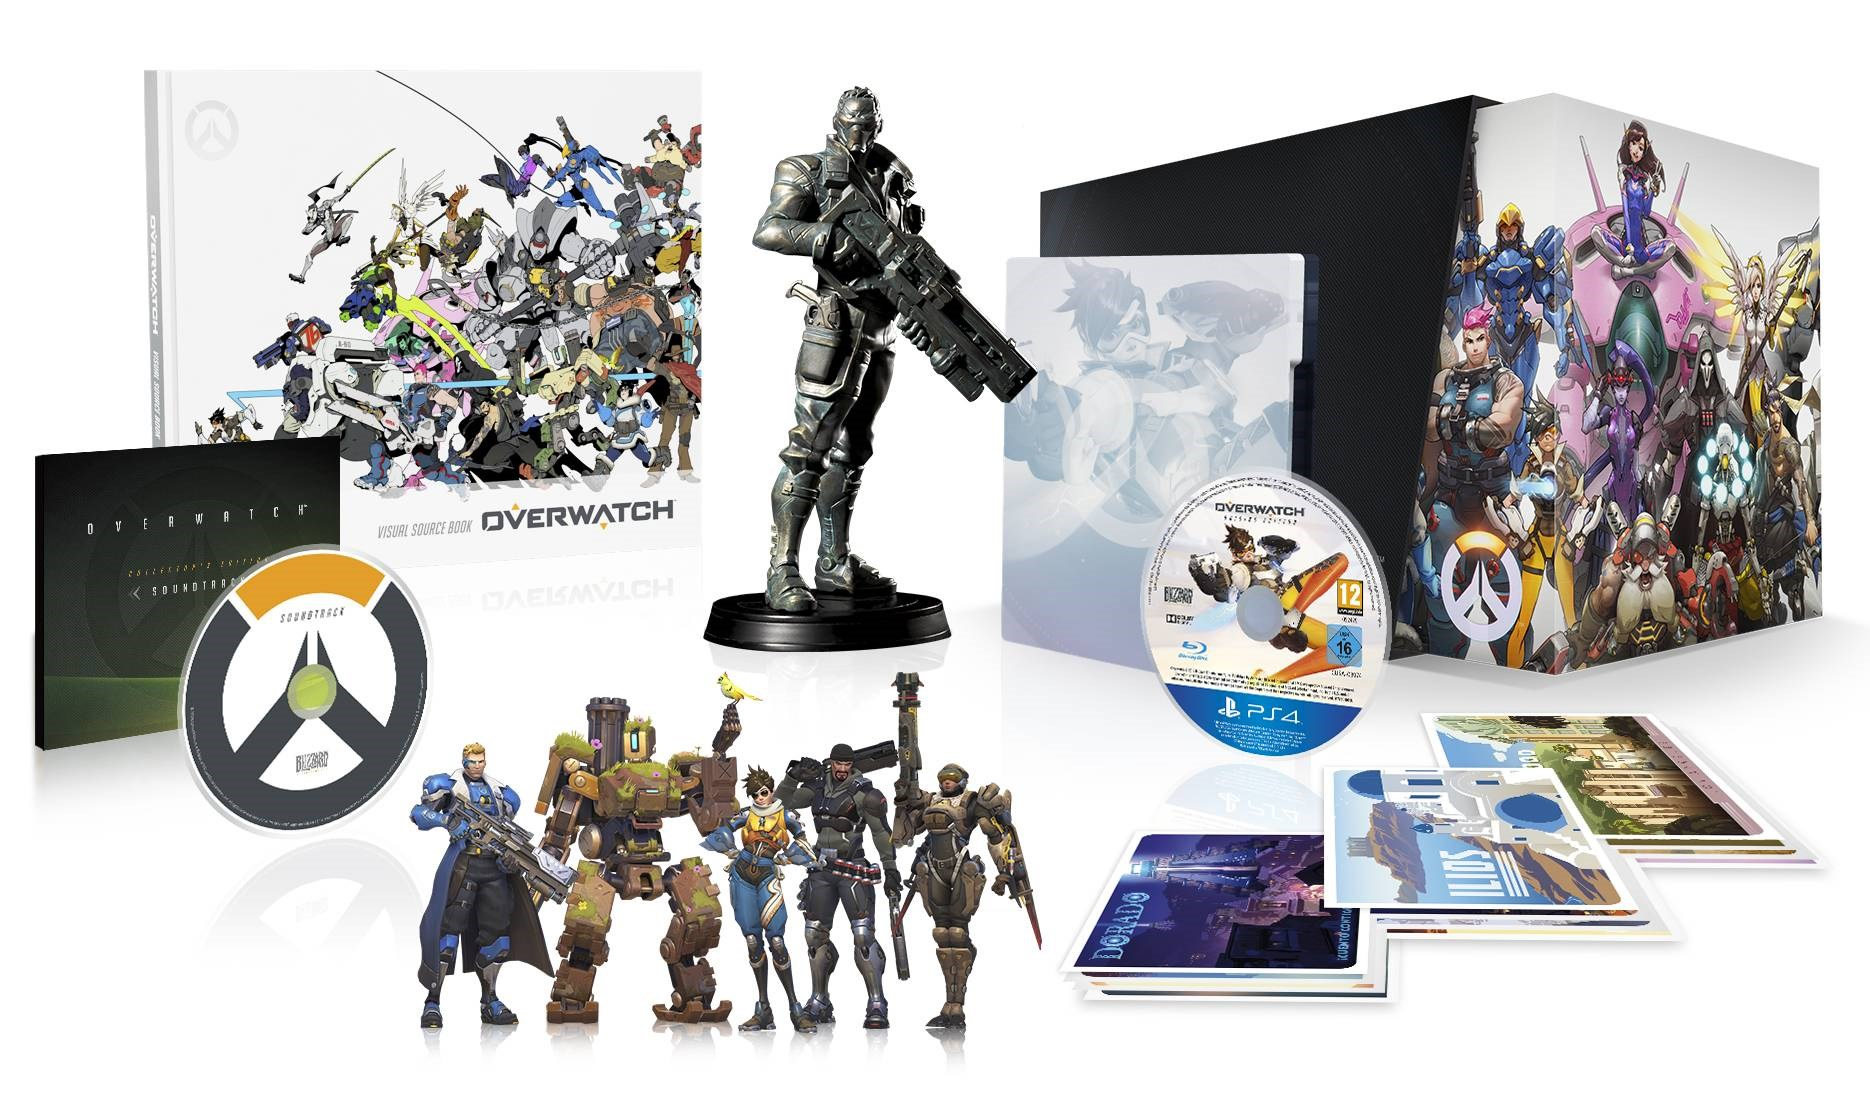 Jeux tlcharger - Nouveauts - Jeux gratuits en ligne avec Command & Conquer - Official EA Site FlixGo - Watch Free Movies Online In Full